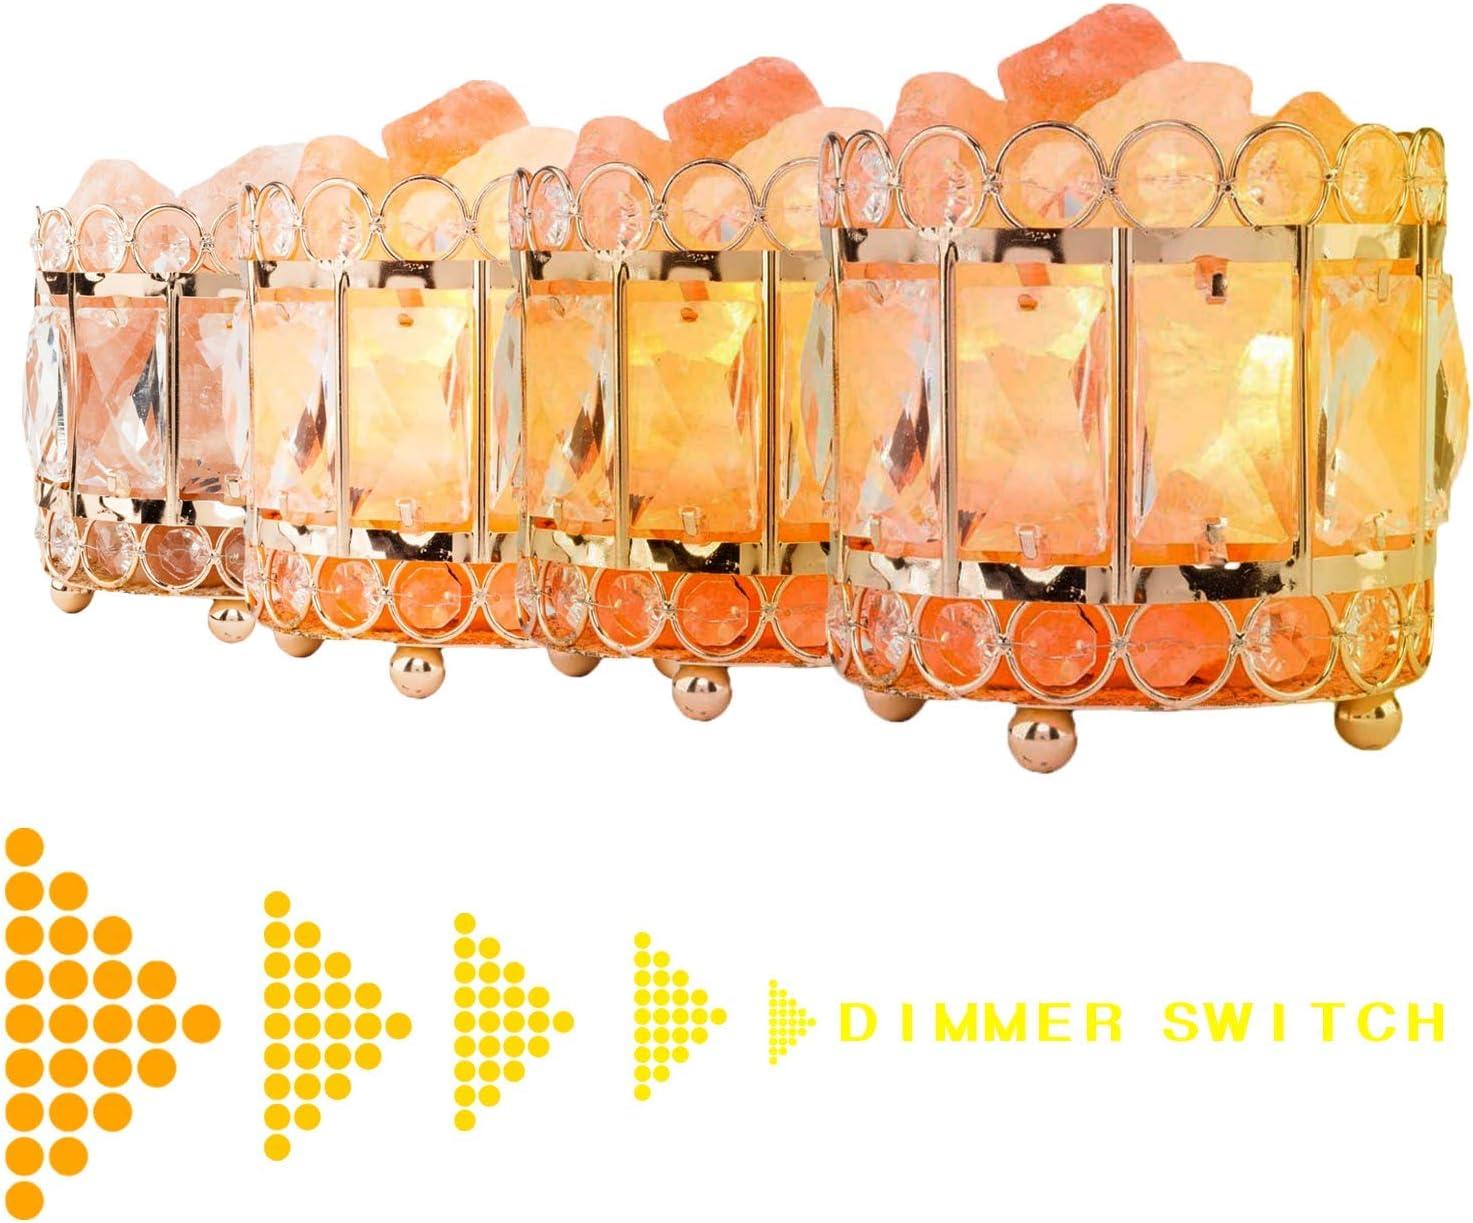 Chassez la d/éprime,LED Lampe de Bien-/êtres luminosit/é et temp/érature r/églables,Dimmable 3 Leve upport pour la maison//bureau Lampe de luminoth/érapie SAD 10000 lux